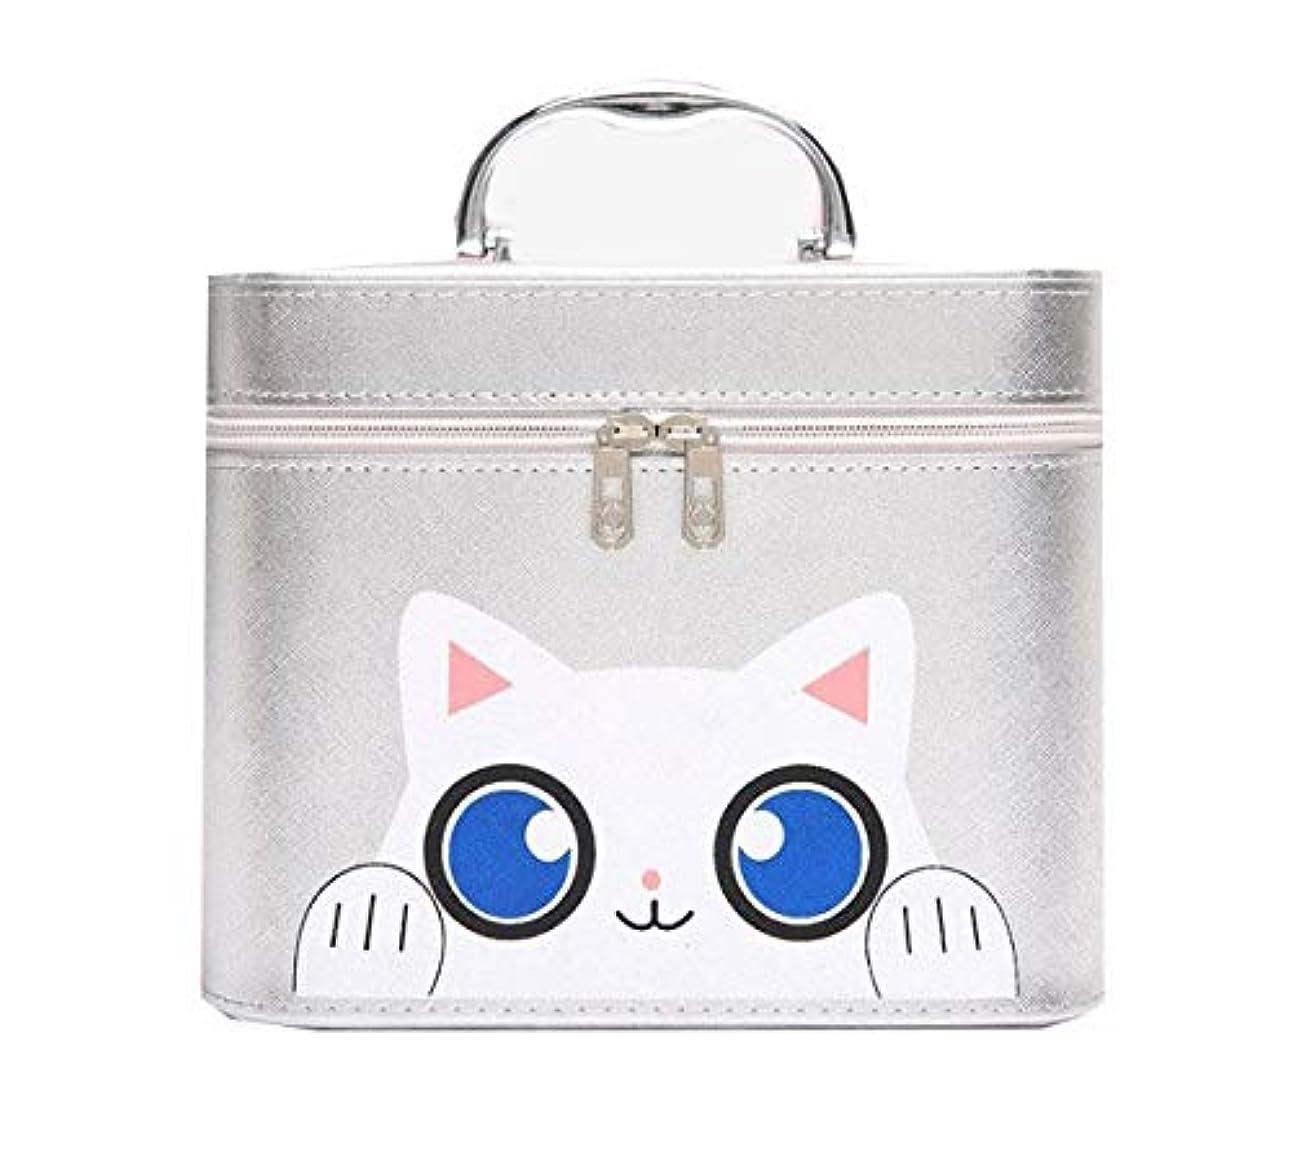 ターミナル近似持続的化粧箱、シルバー漫画猫化粧品ケース、ポータブル旅行化粧品ケース、美容ネイルジュエリー収納ボックス (Size : L)